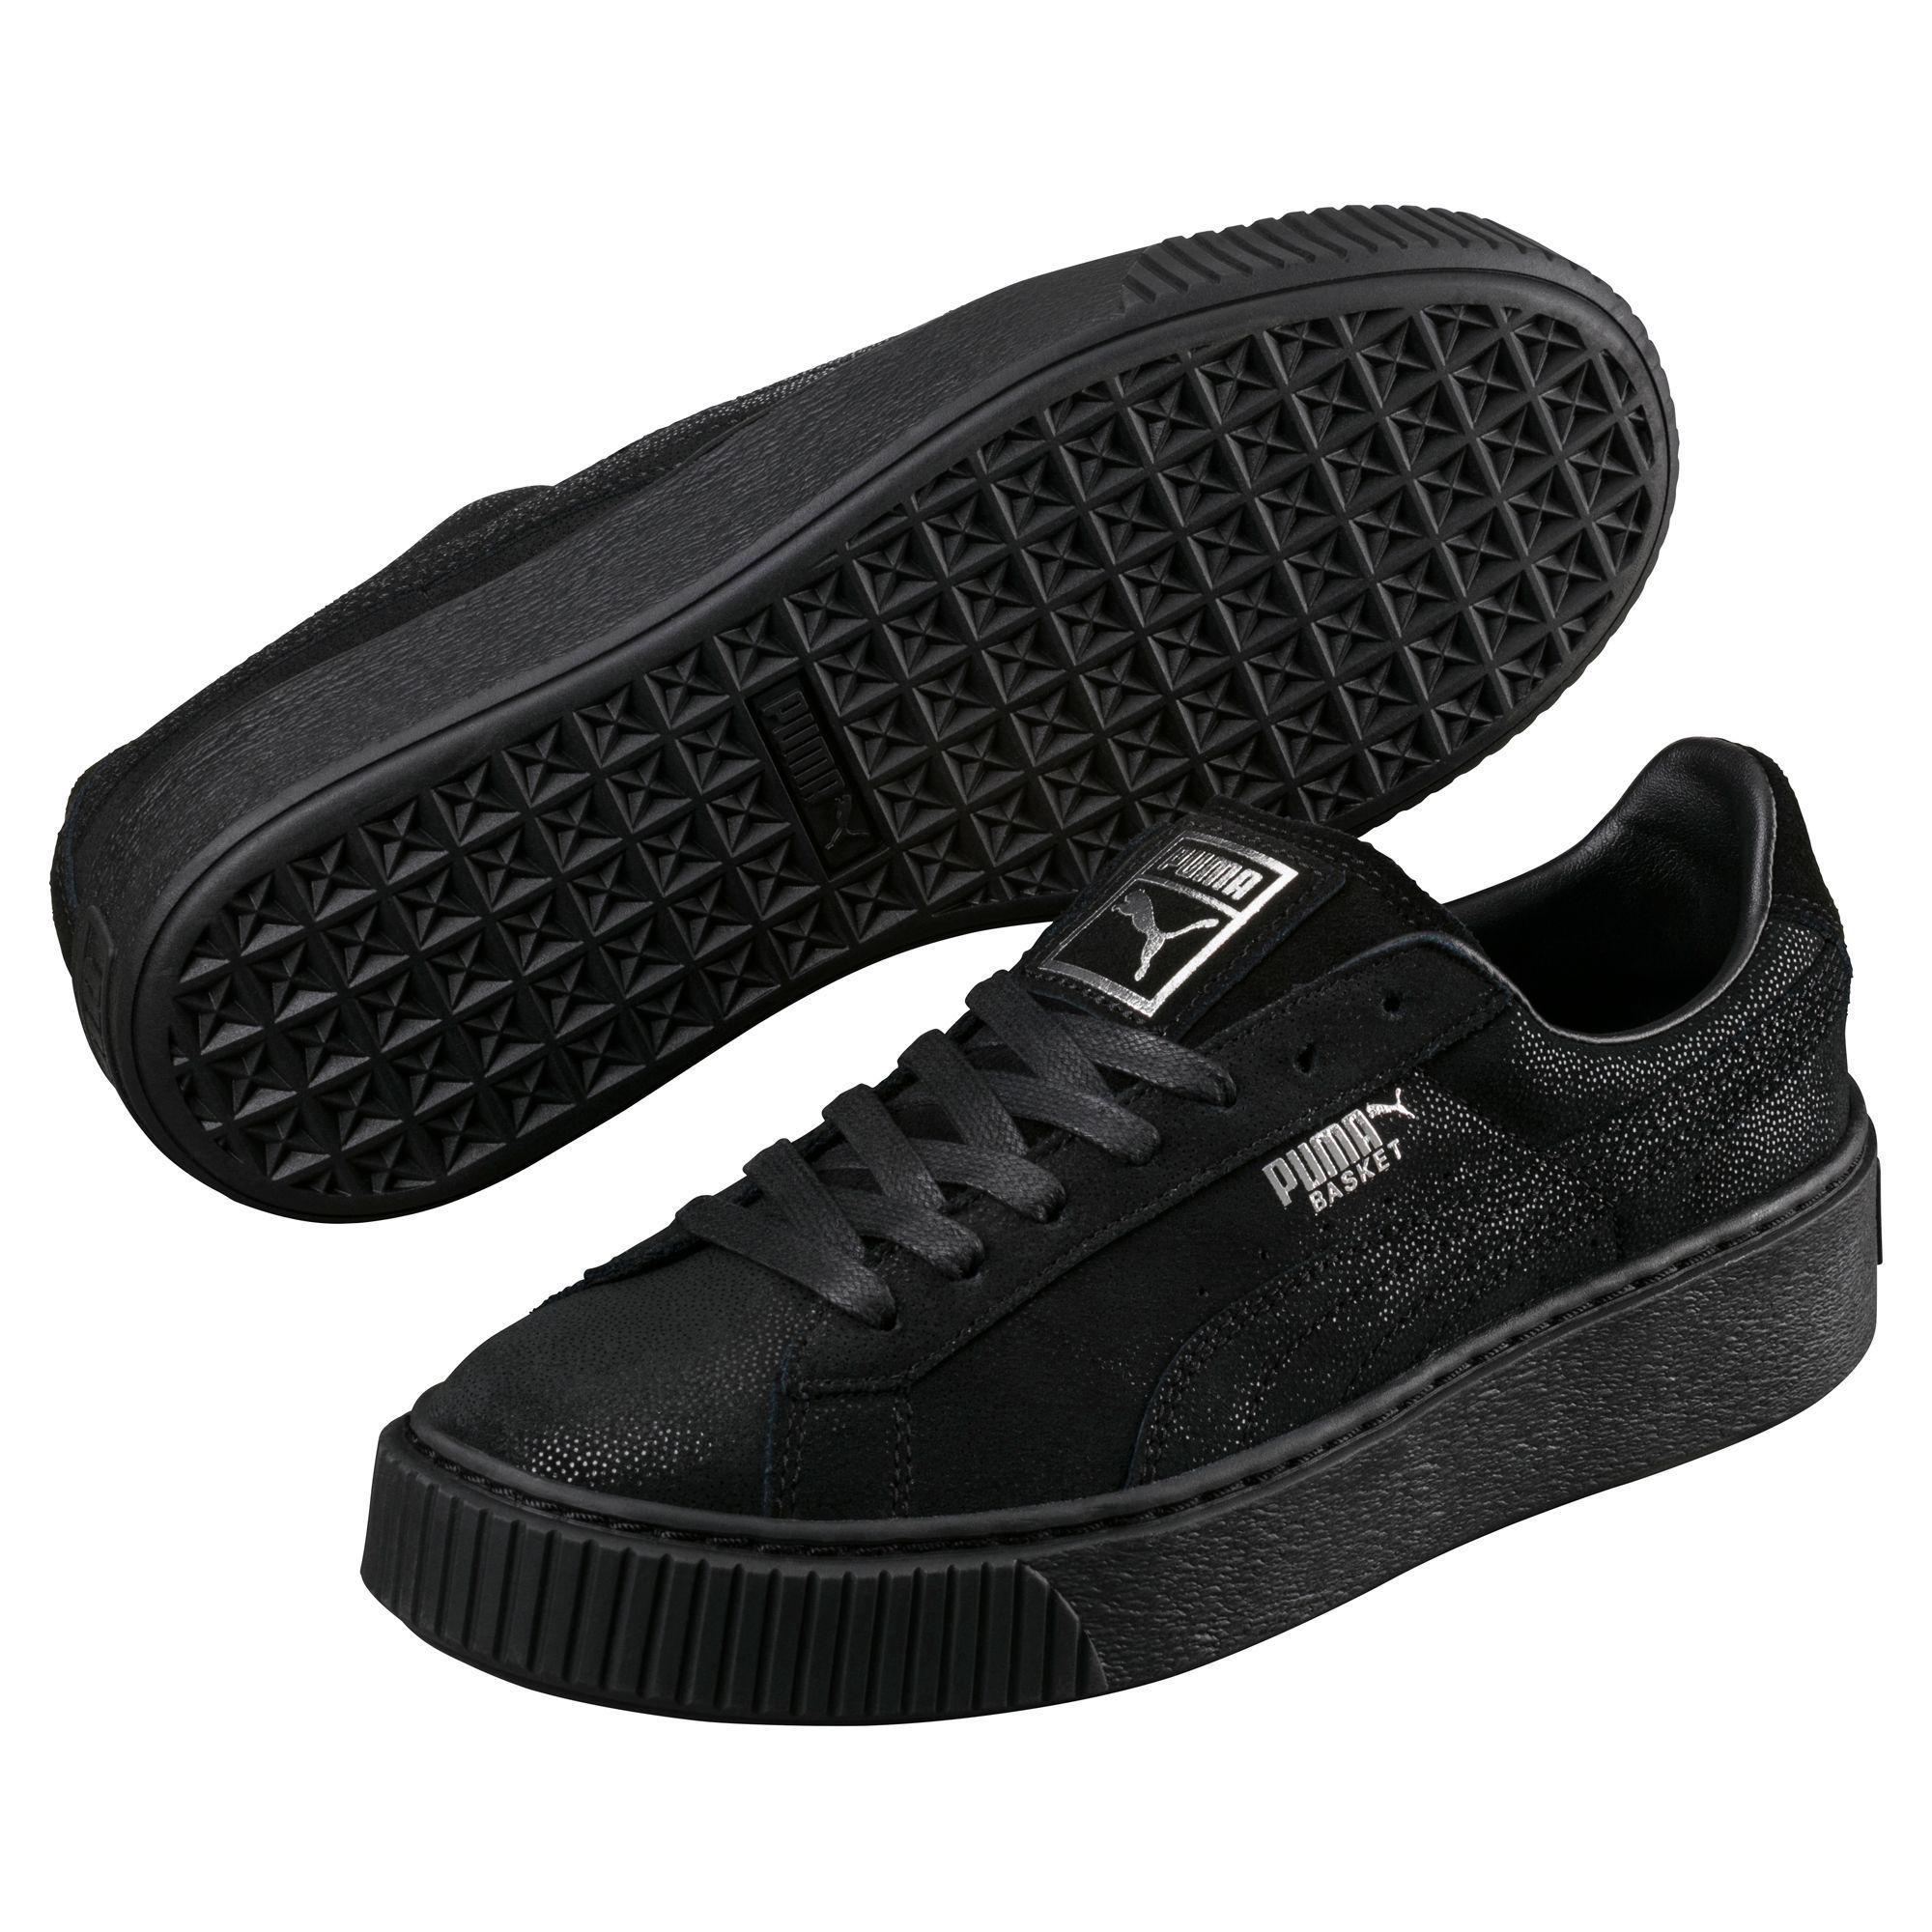 Reset Basket In Puma Women's Platform Sneakers Black Lyst wnPN0k8XO